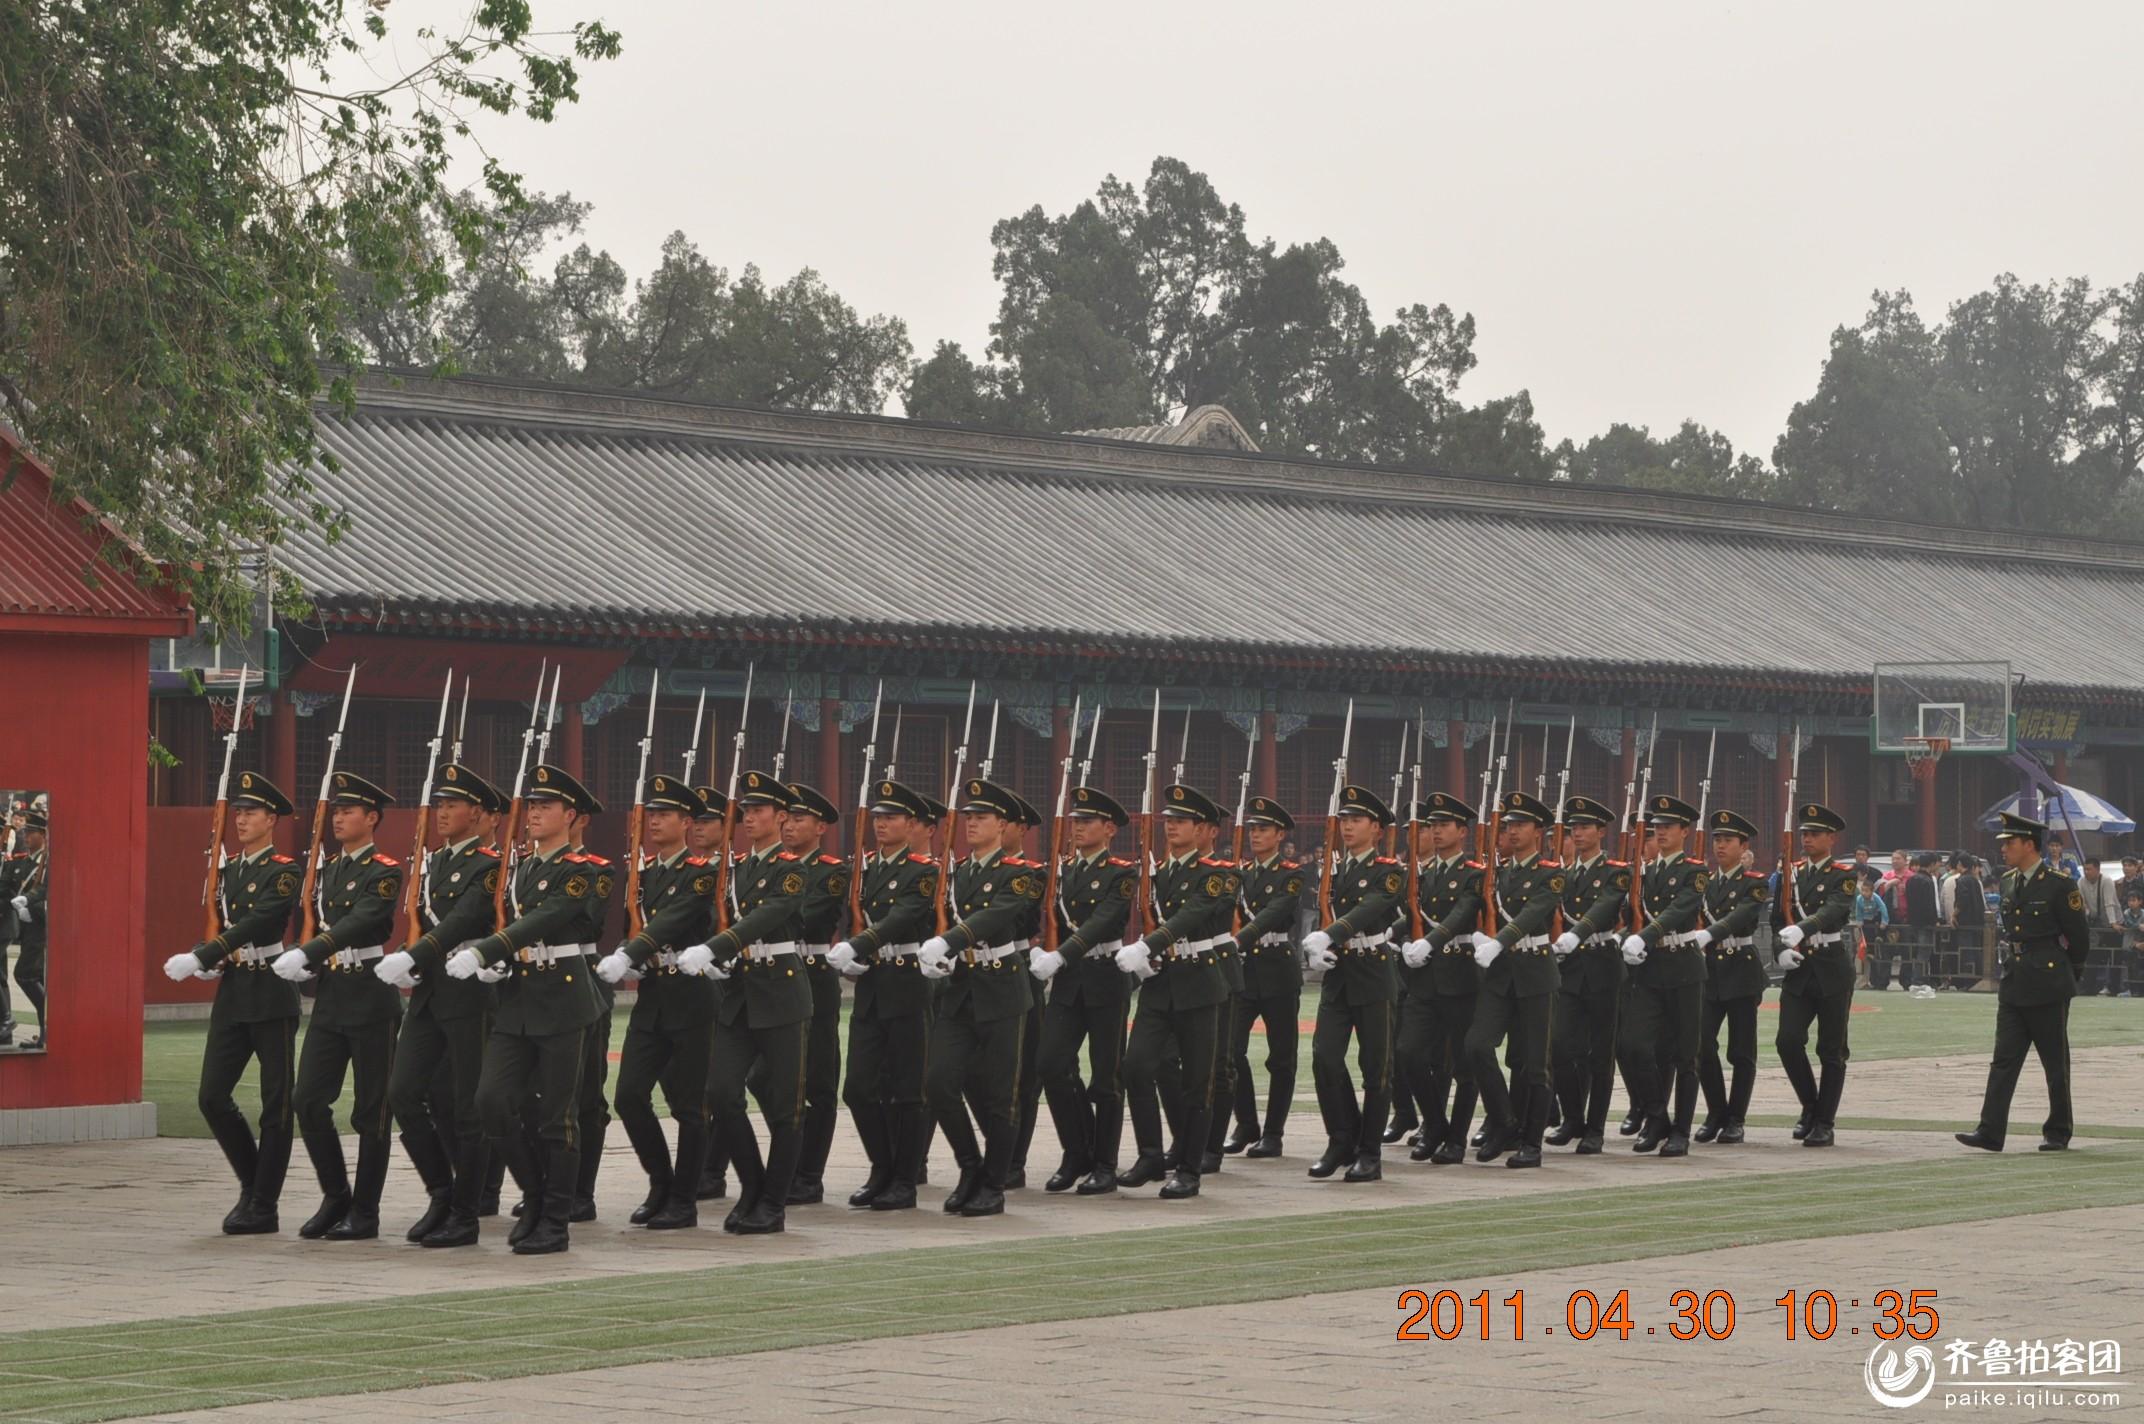 中国将军书画研究院慰问天安门 看天安门国旗护卫队出操 高清图片